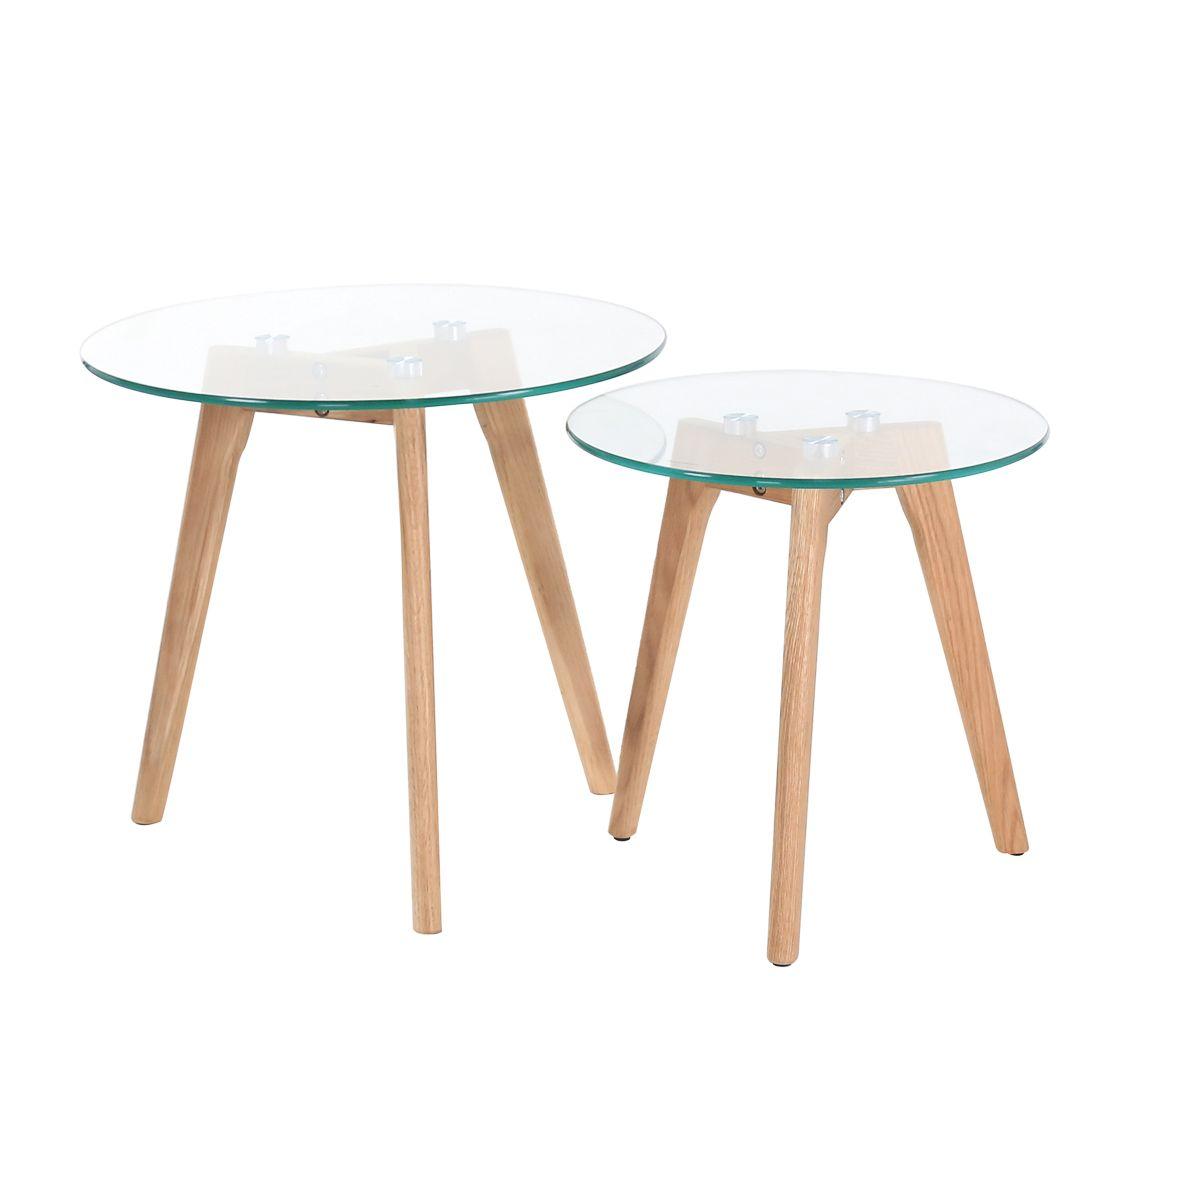 Tables basses gigognes chêne et verre